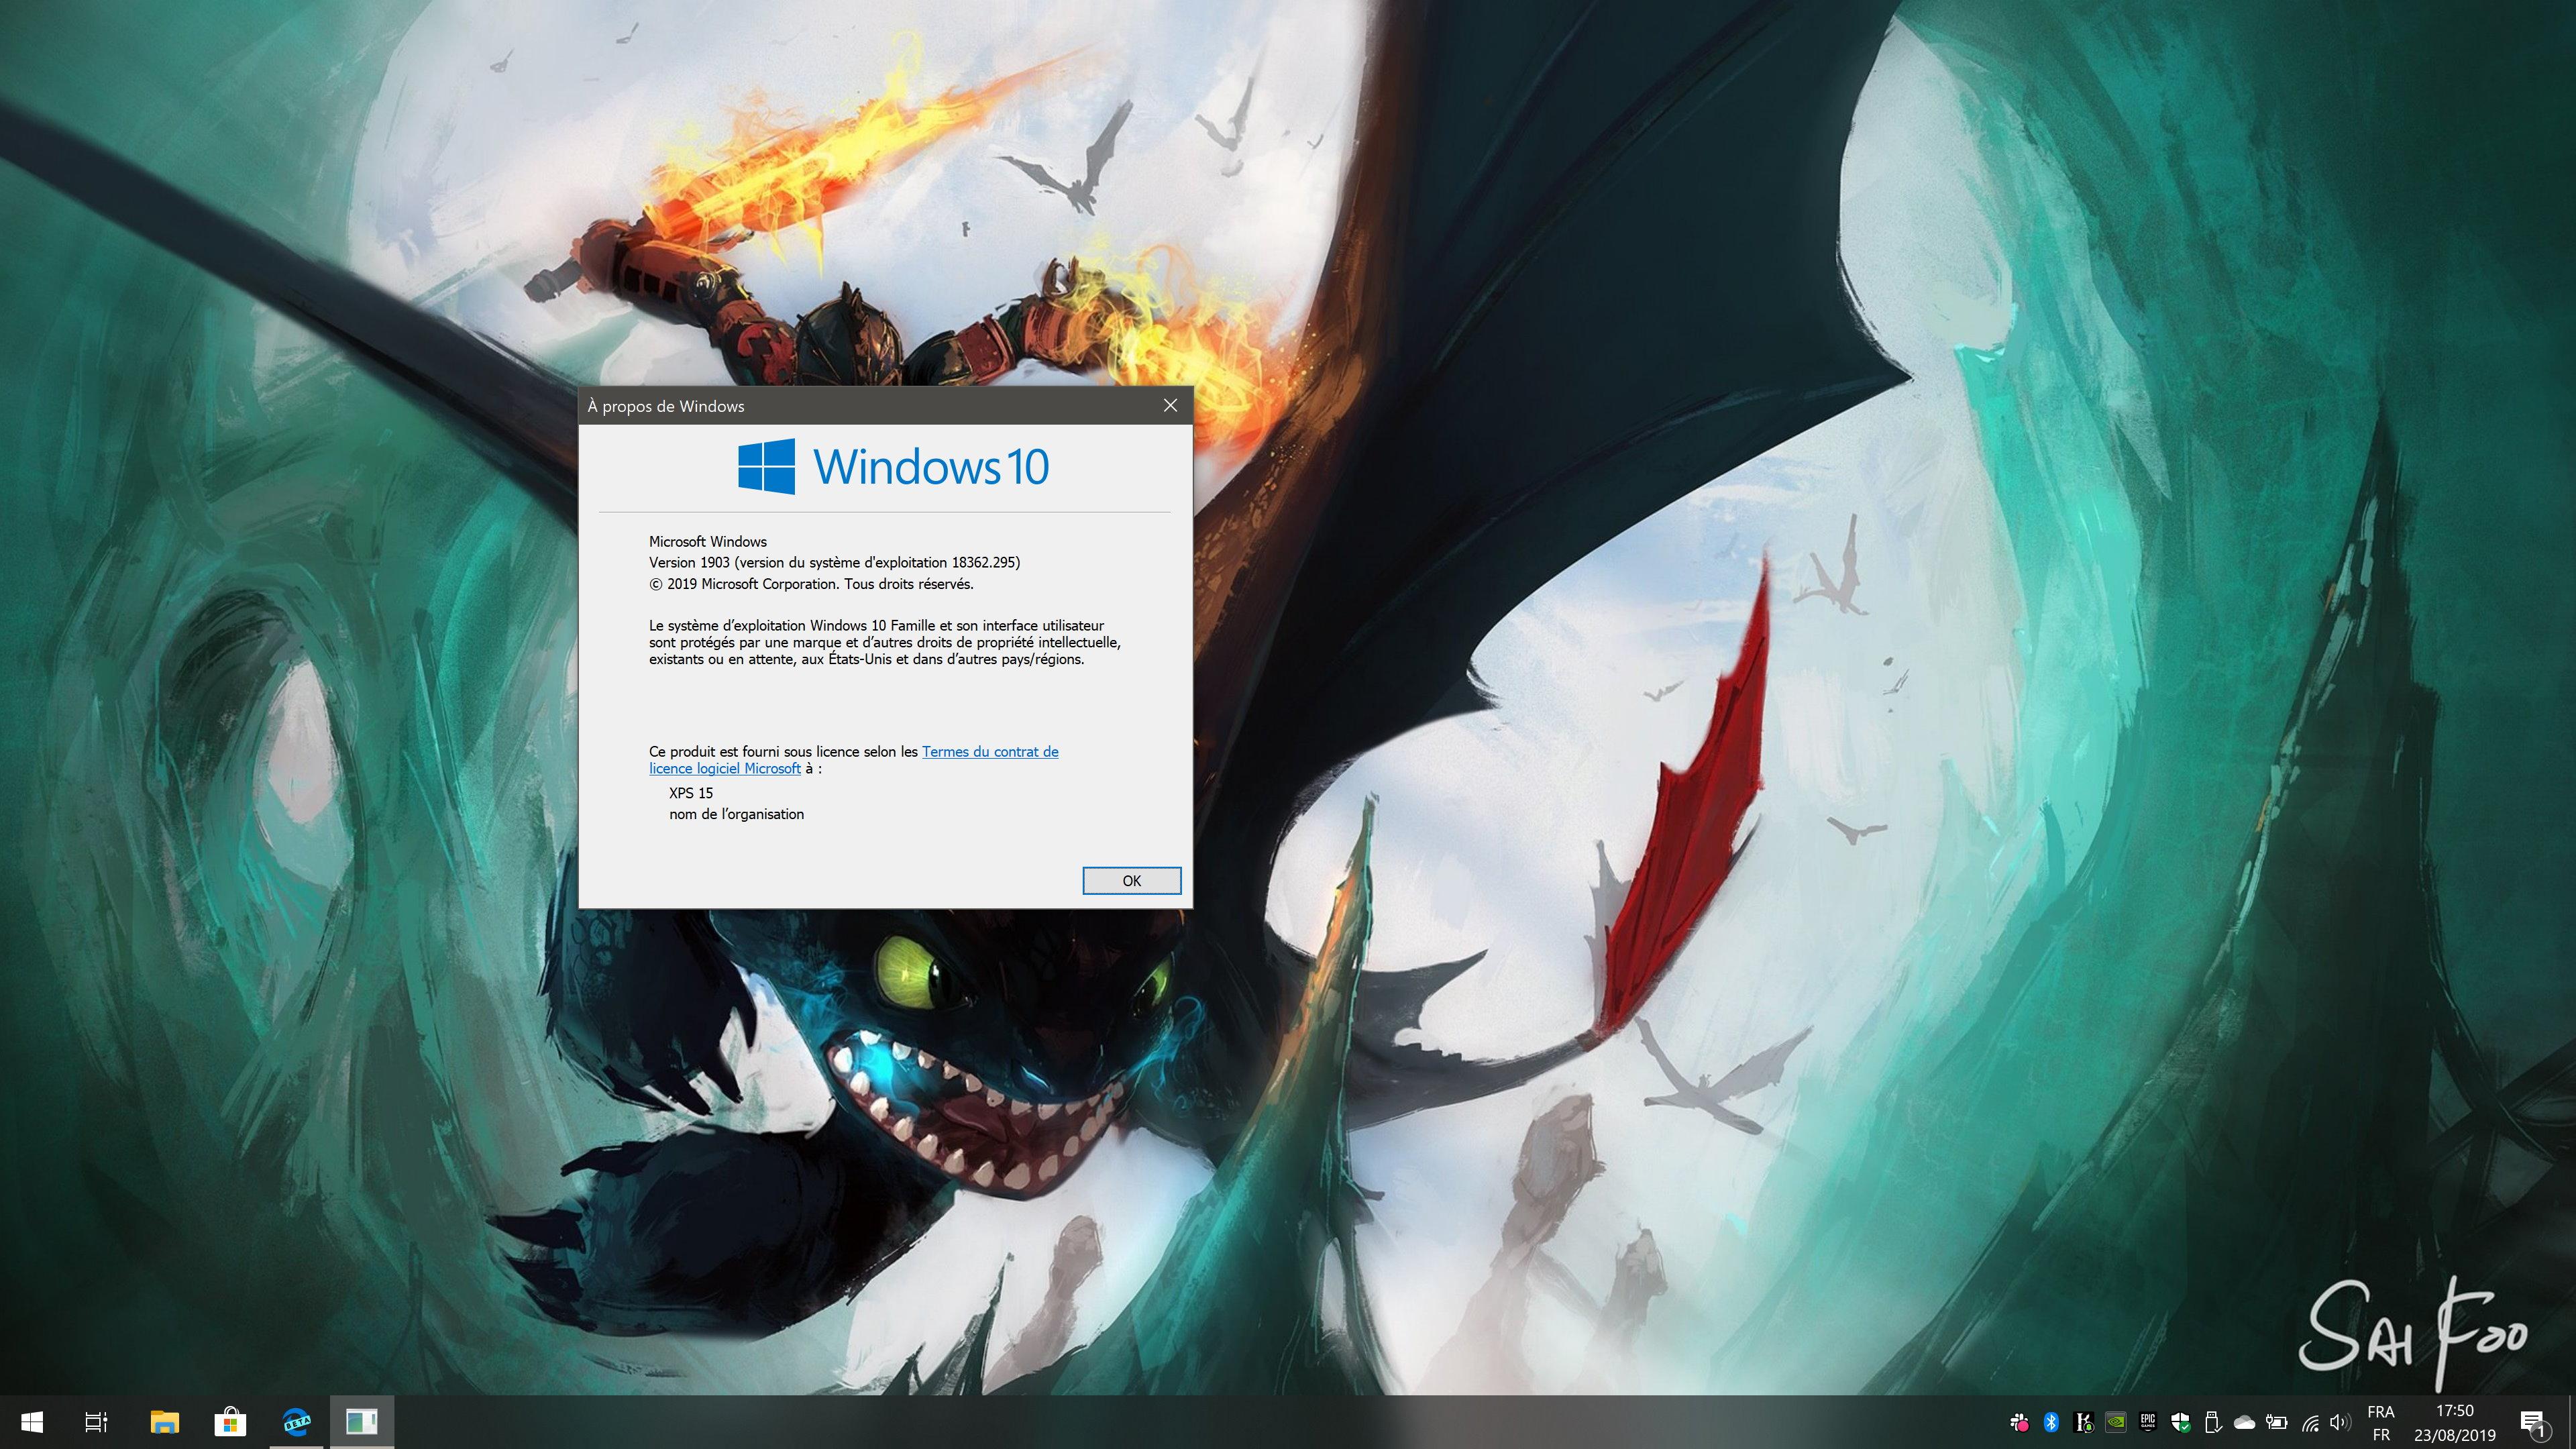 Le Windows 10 installé n'a pas de bloatware, mais connait quelques problèmes.